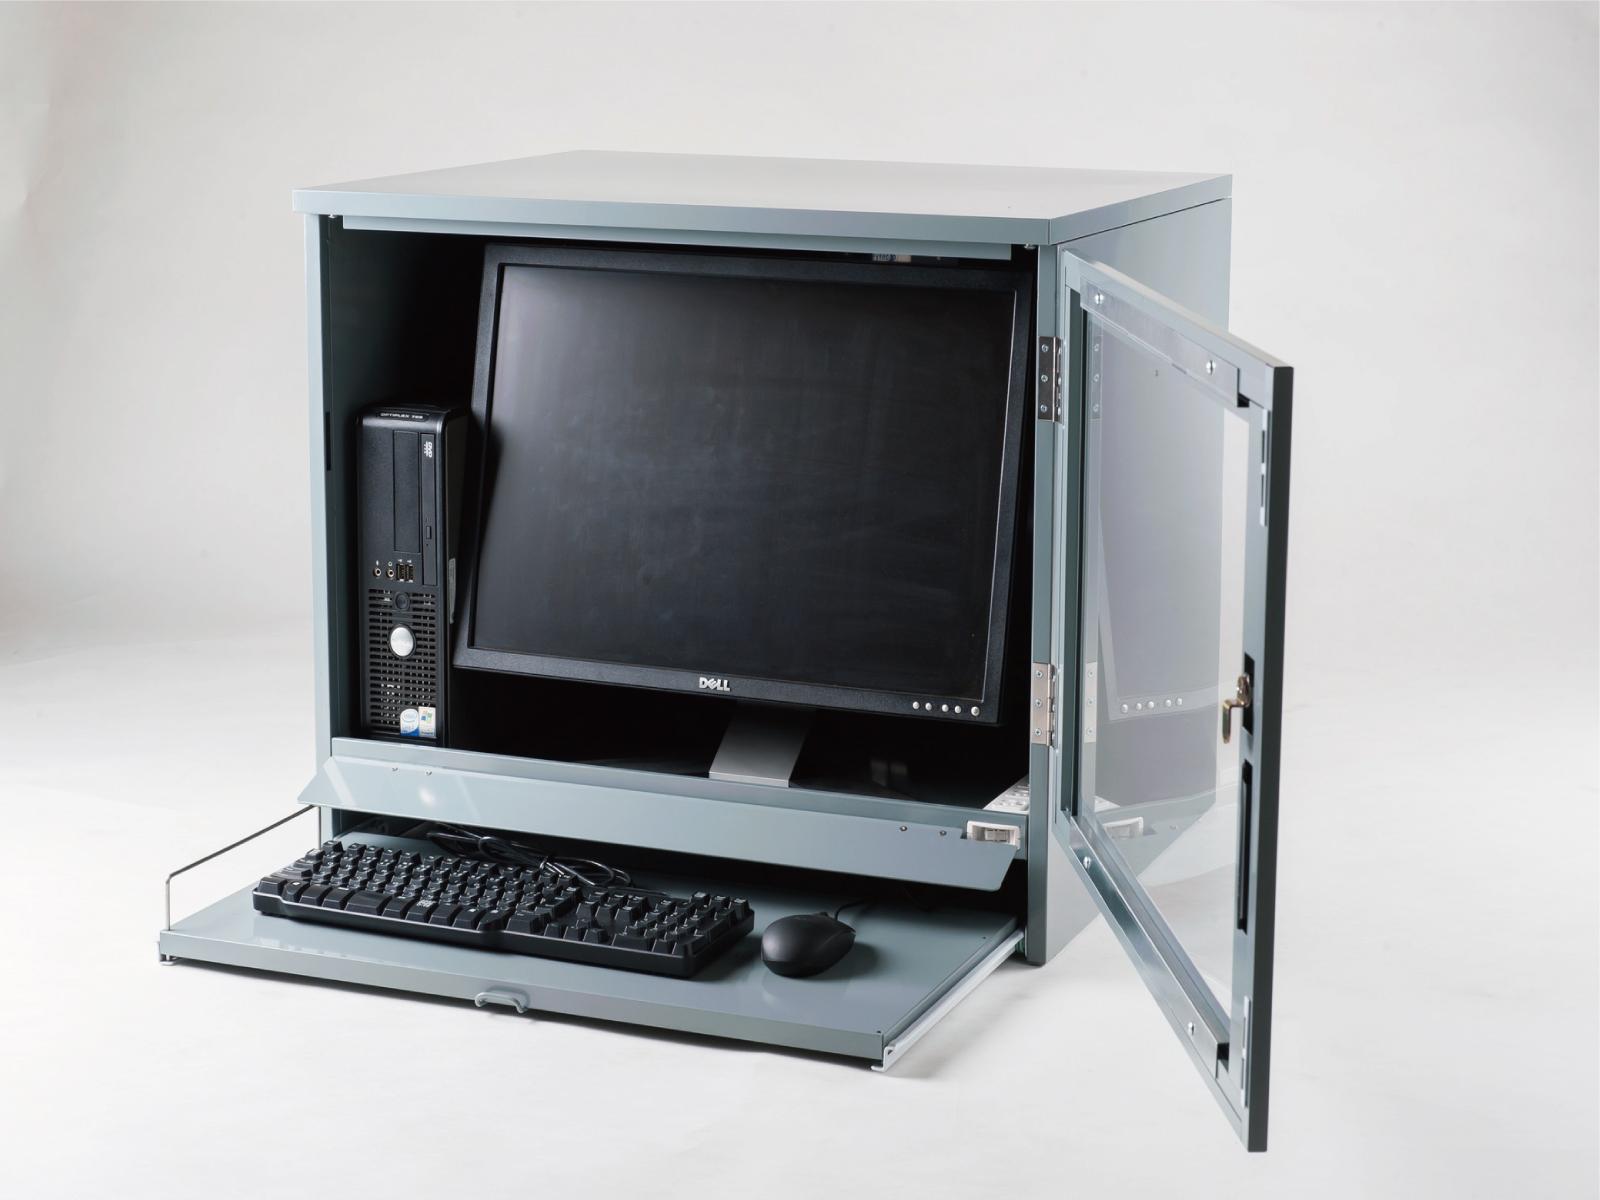 送料無料 防塵ラック PCケース ホコリ 排熱 盗難防止 工場使用可 セイテック Tidy Box CRT G5 グレー